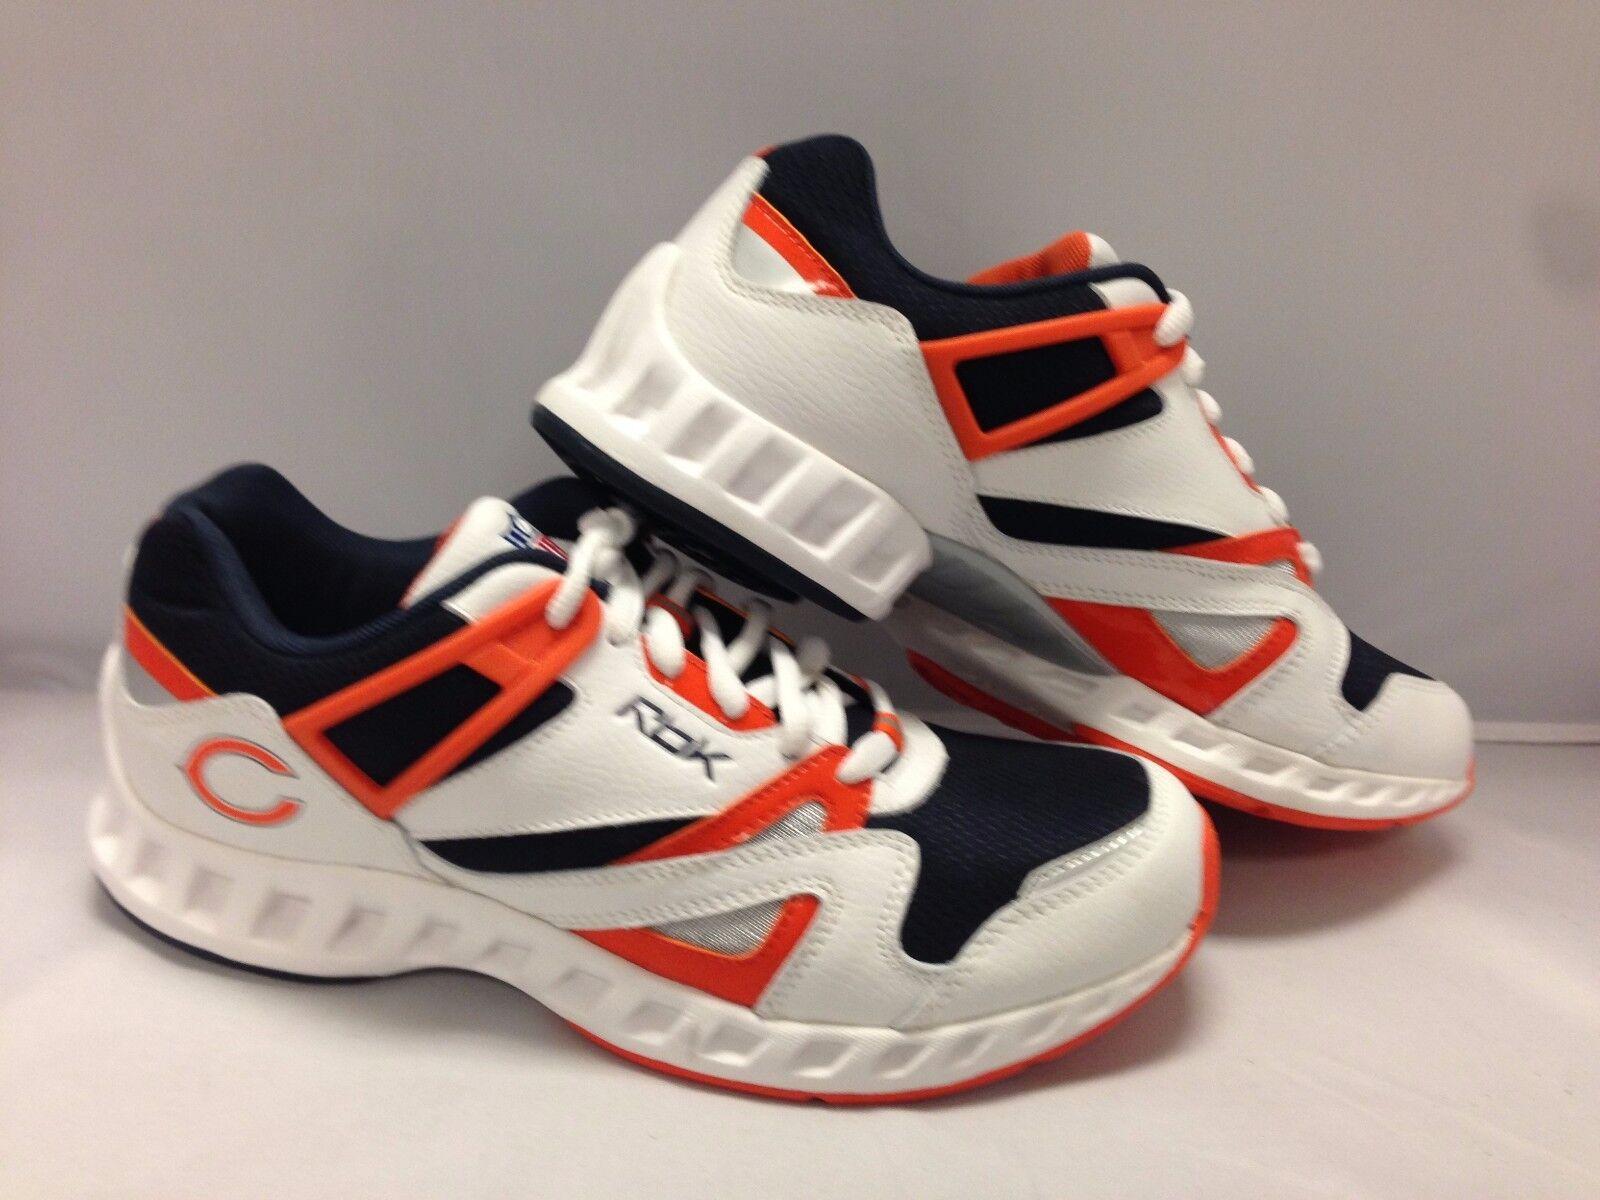 NFL Herren Schuhe   Bärenmuster'' Orange Weiß